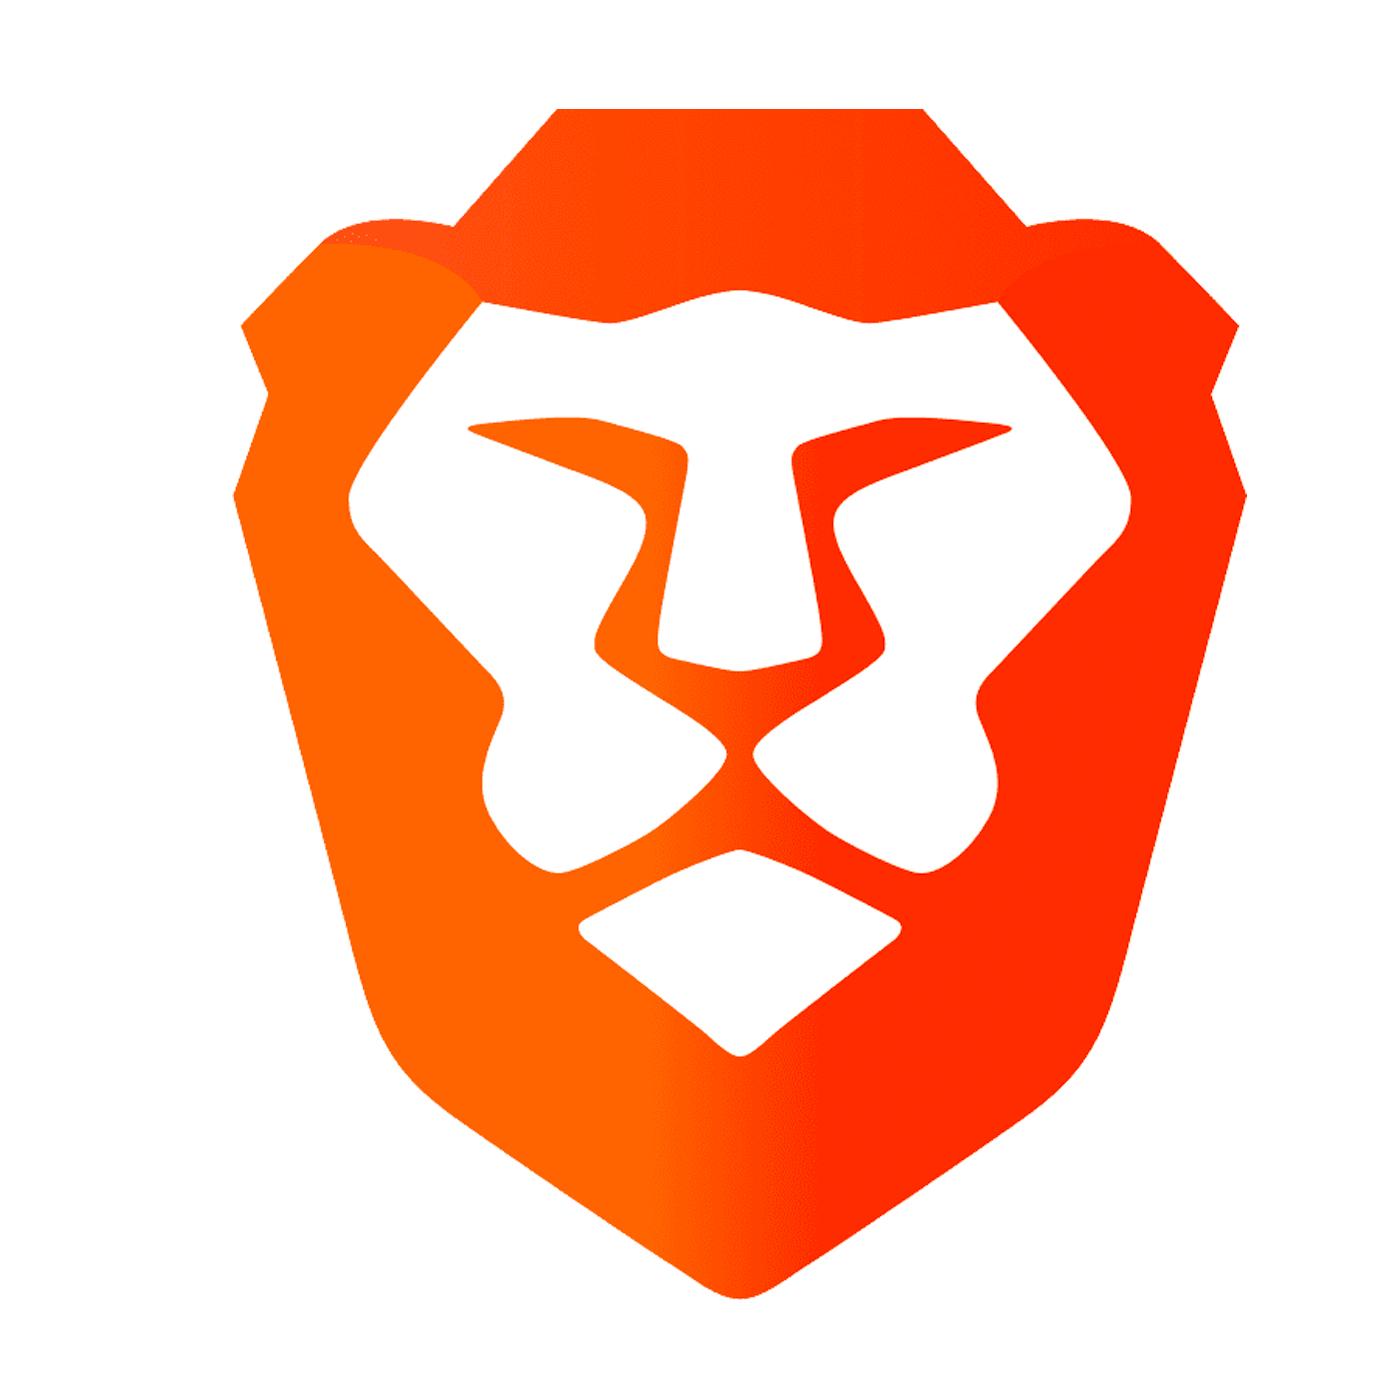 The Brave Browser lion logo